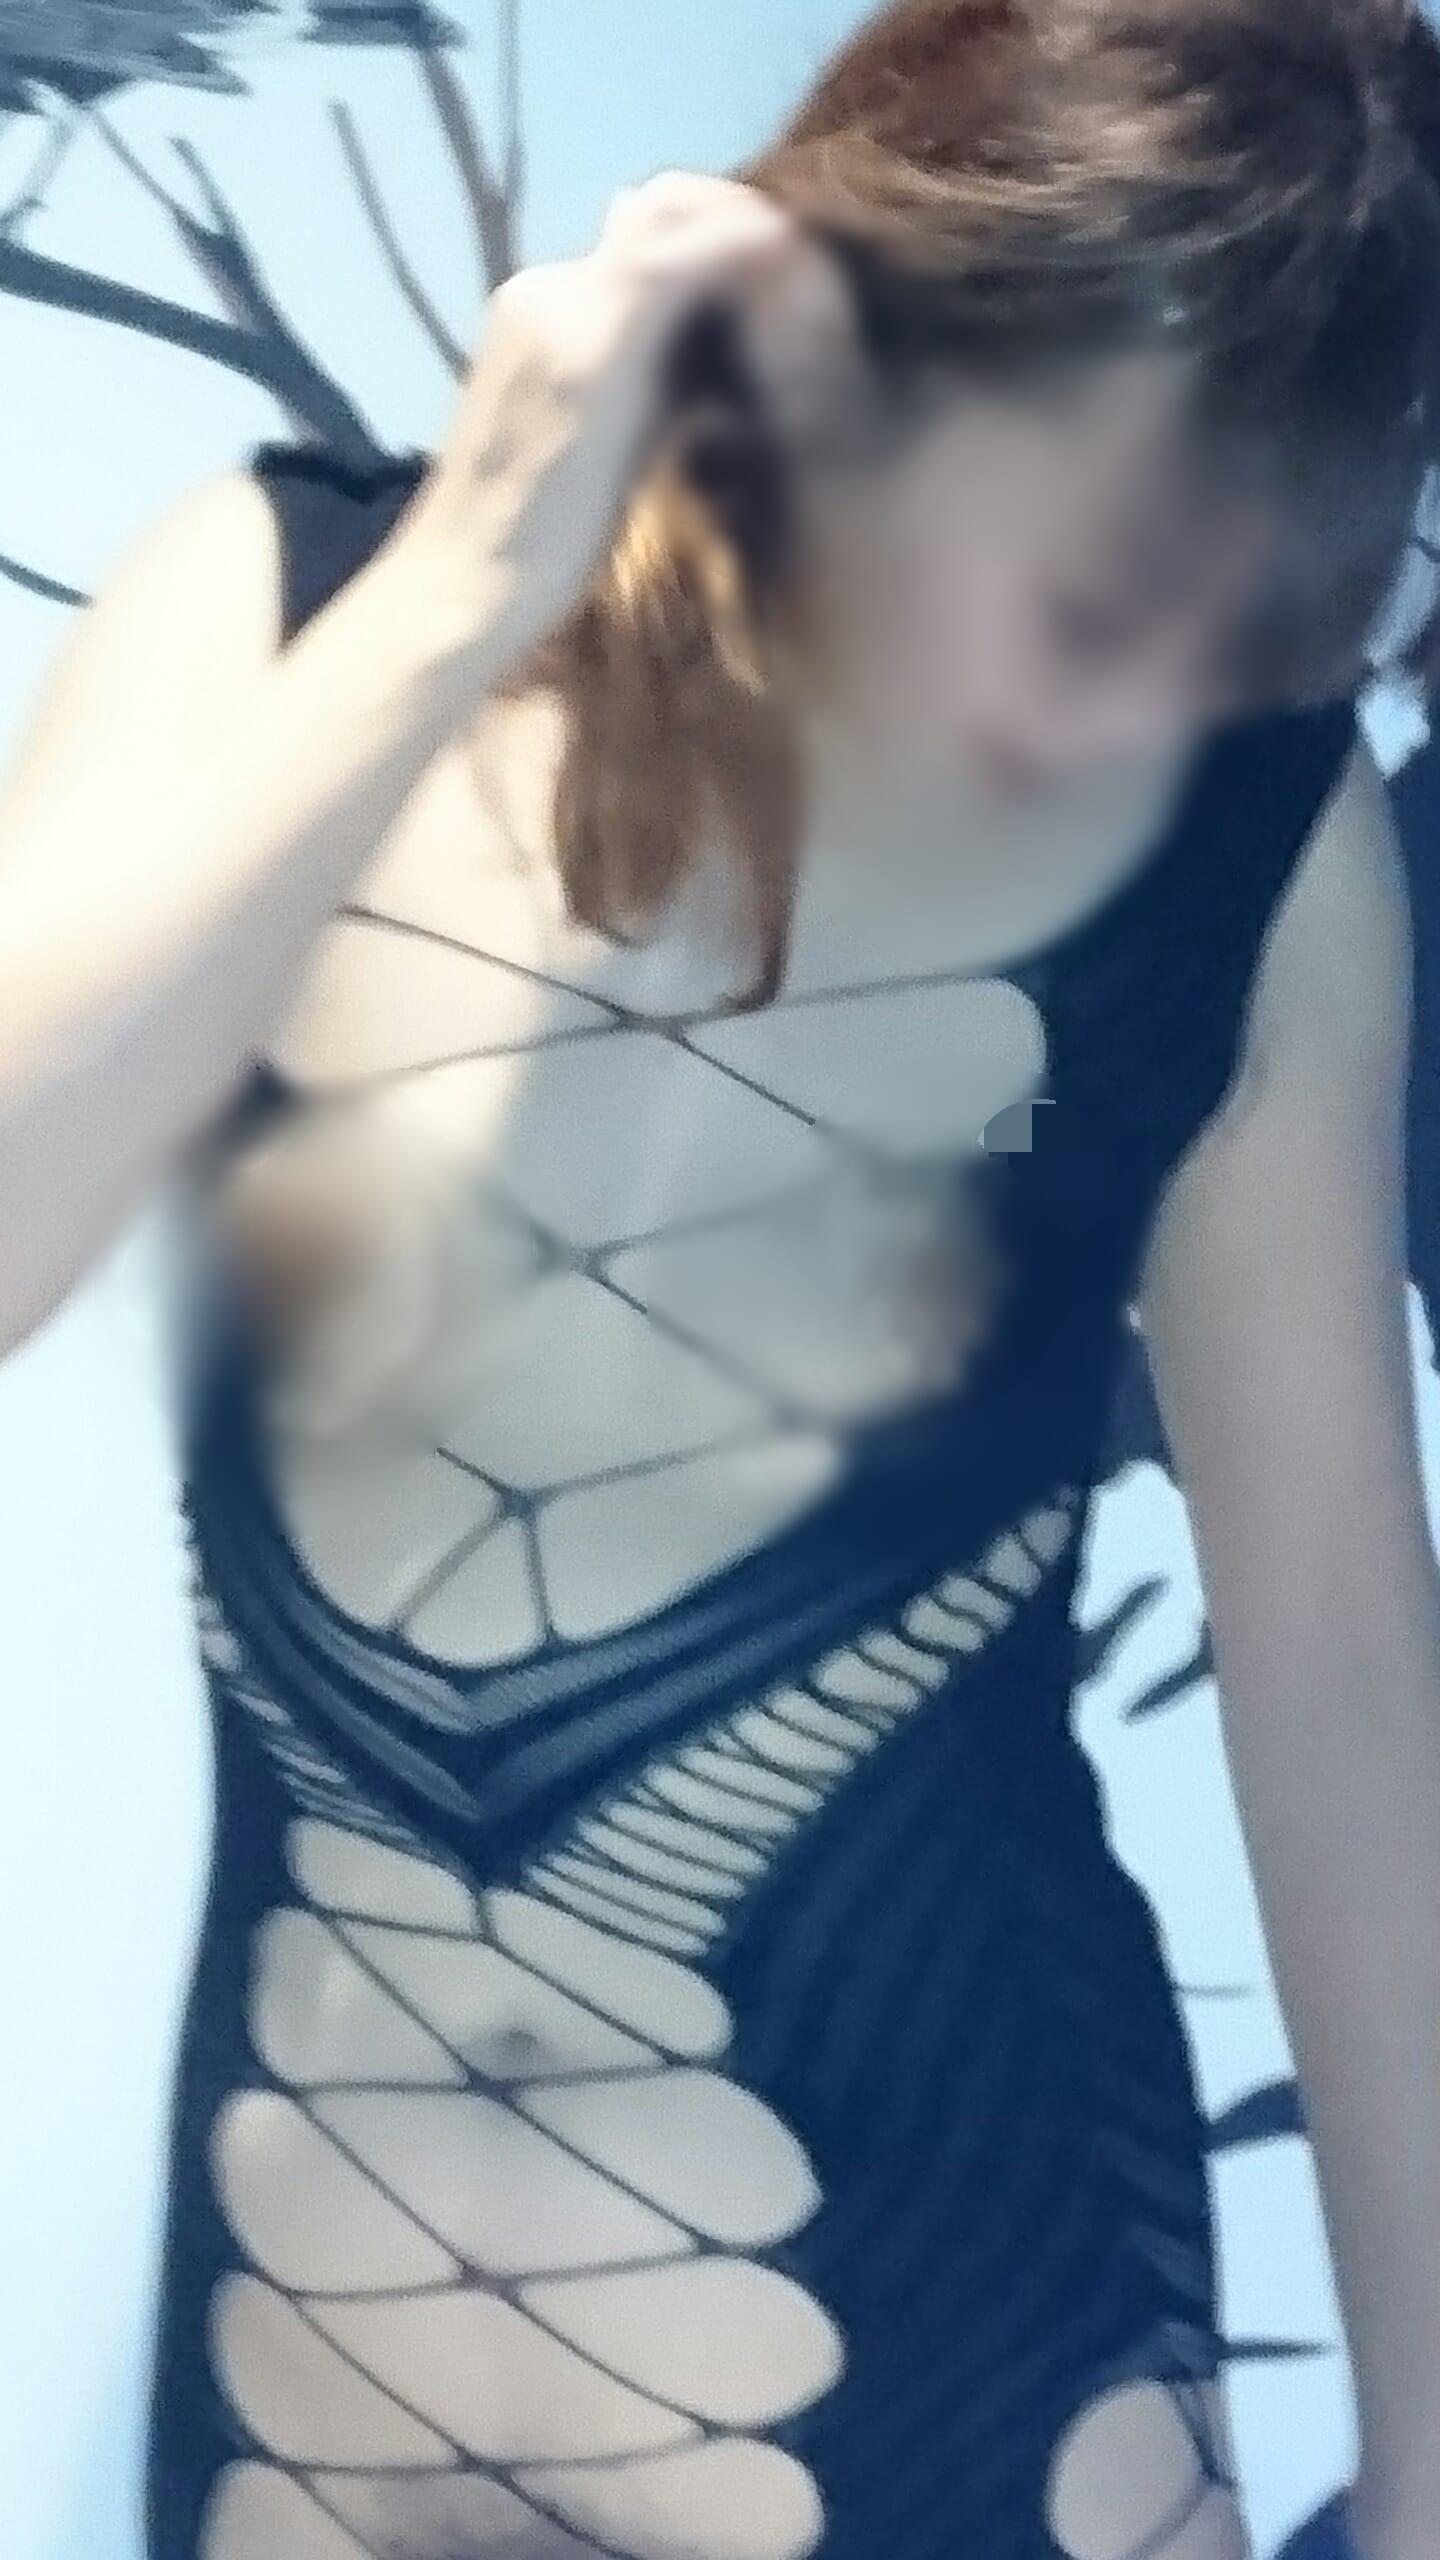 「こんばんは」11/28(11/28) 21:24 | しずかの写メ・風俗動画